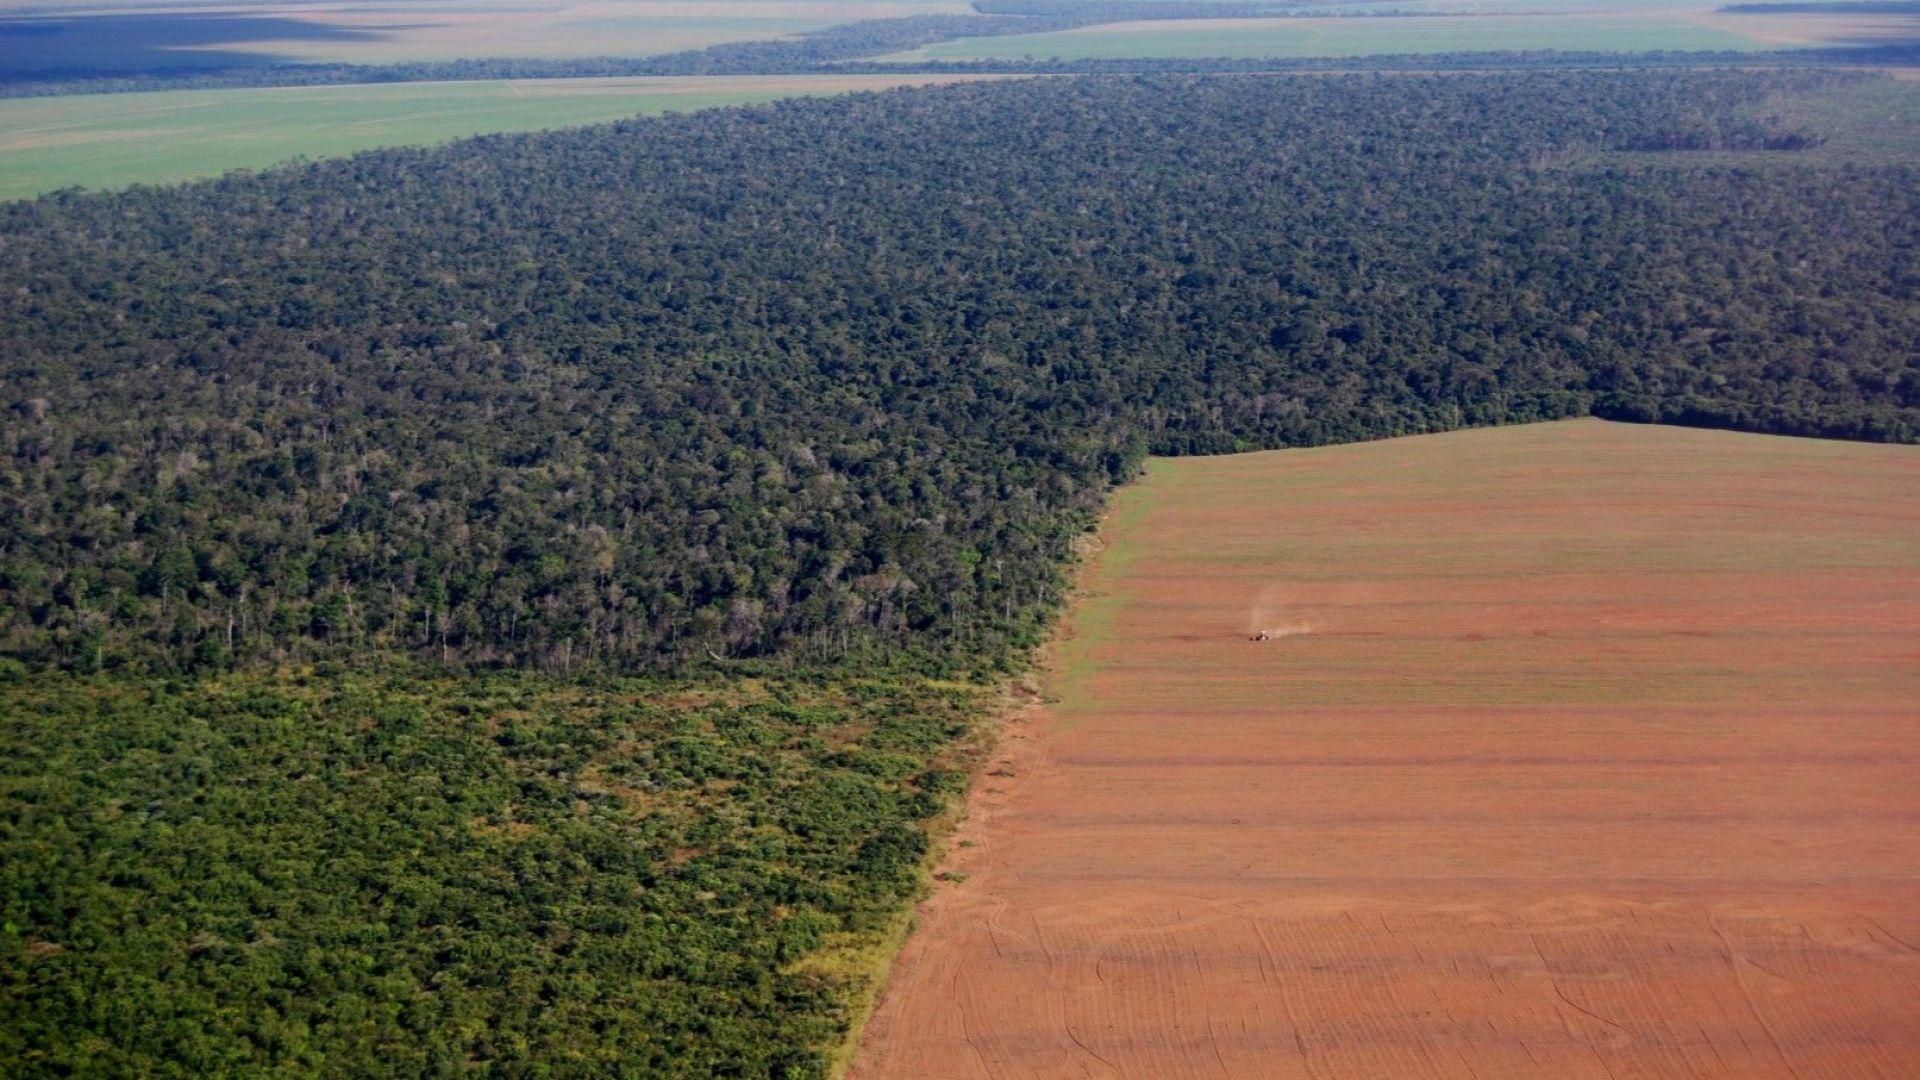 От говеждо до шоколад - незаконно обезлесяване стои зад много от храните